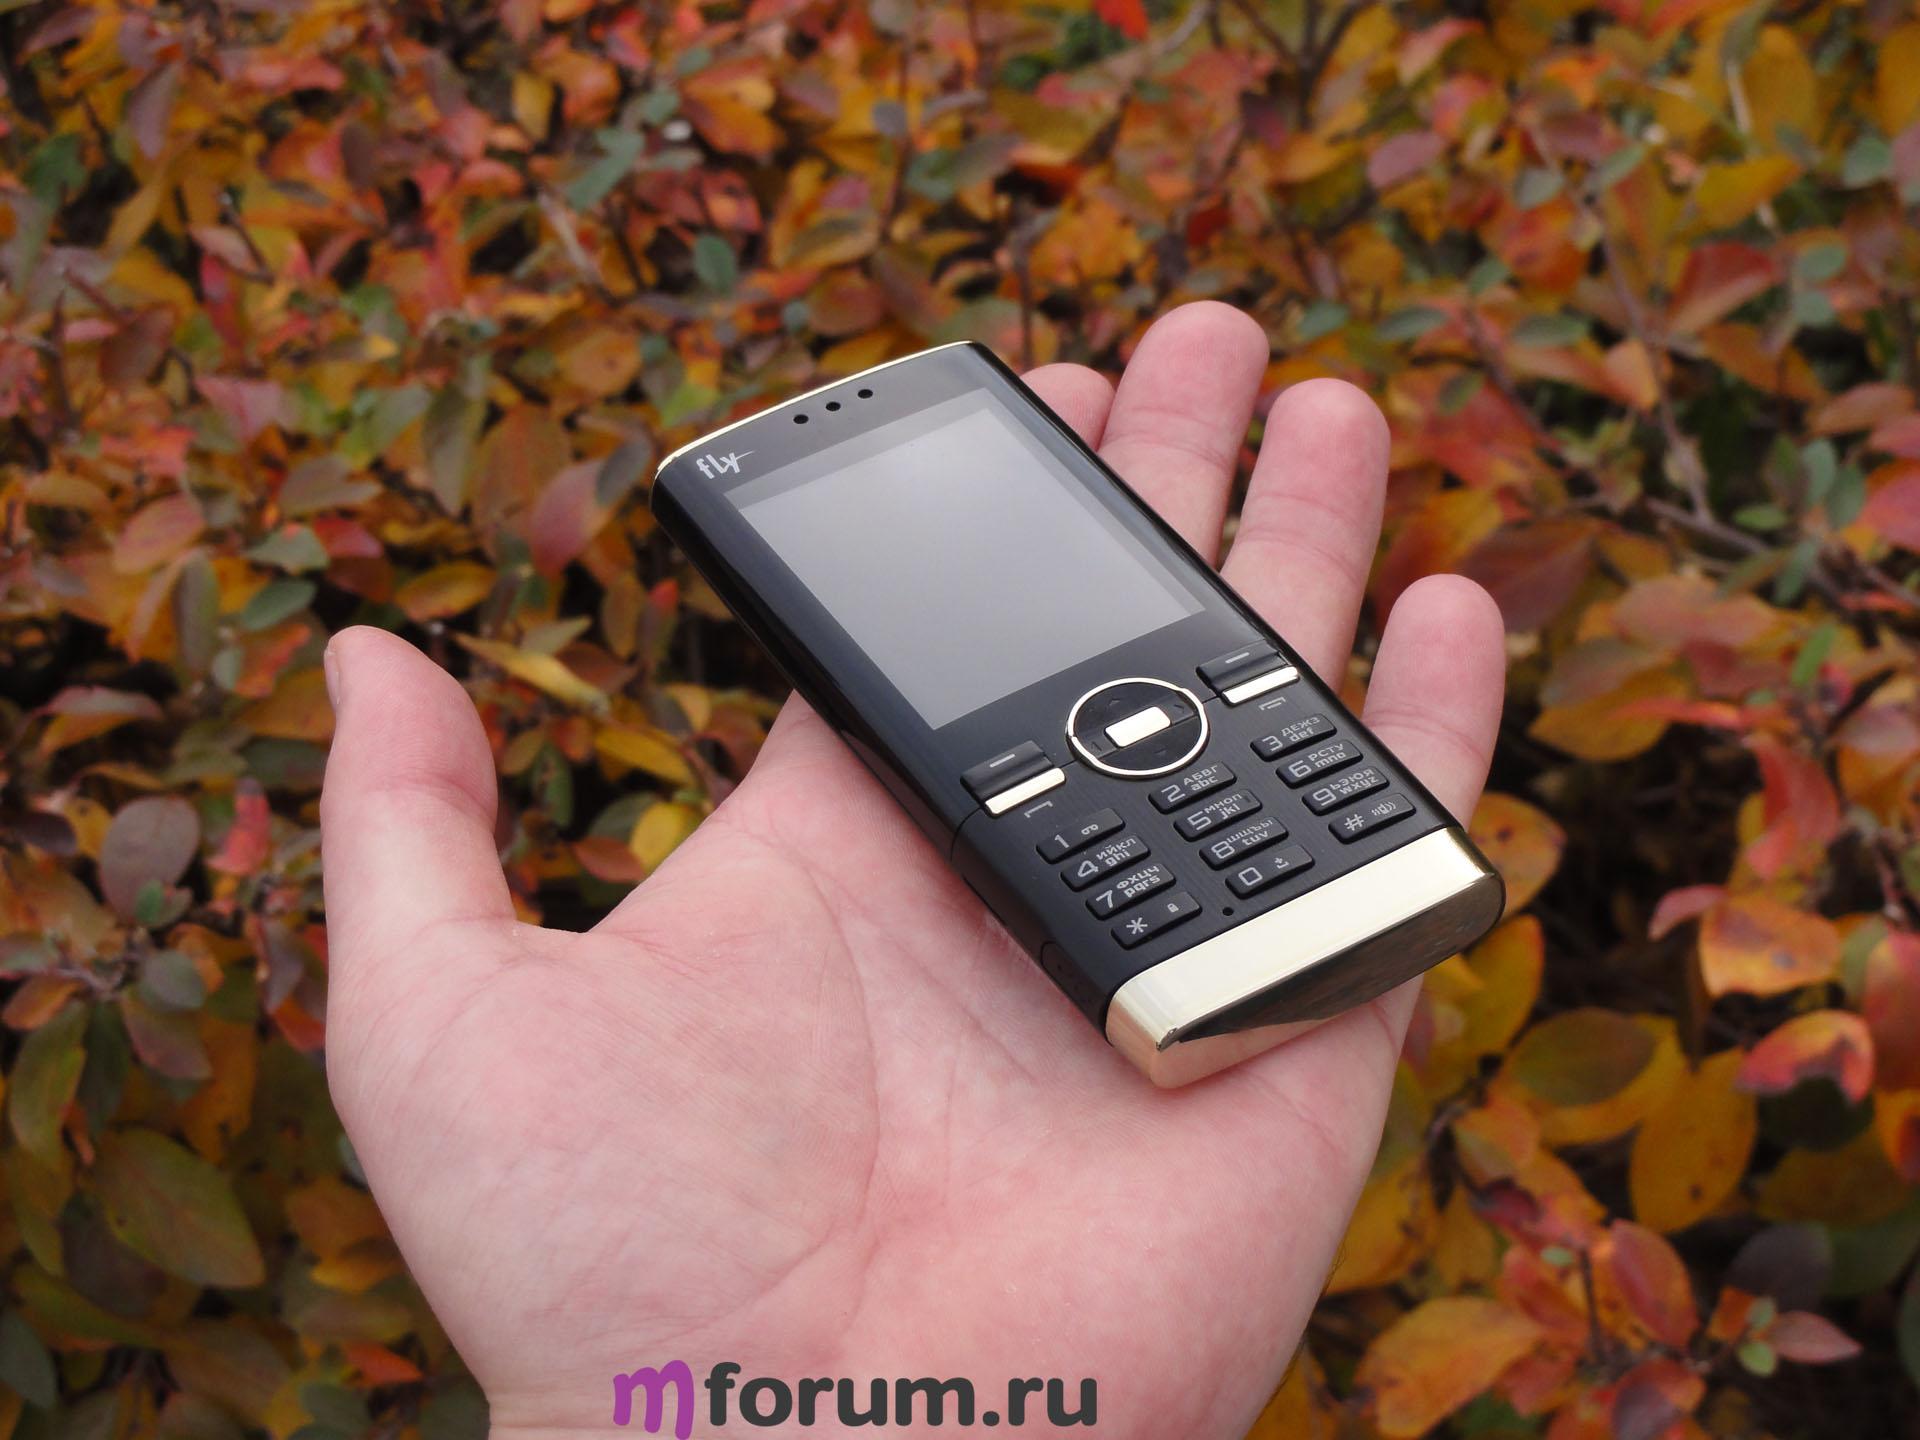 Смотреть фото с украденных мобильников 22 фотография